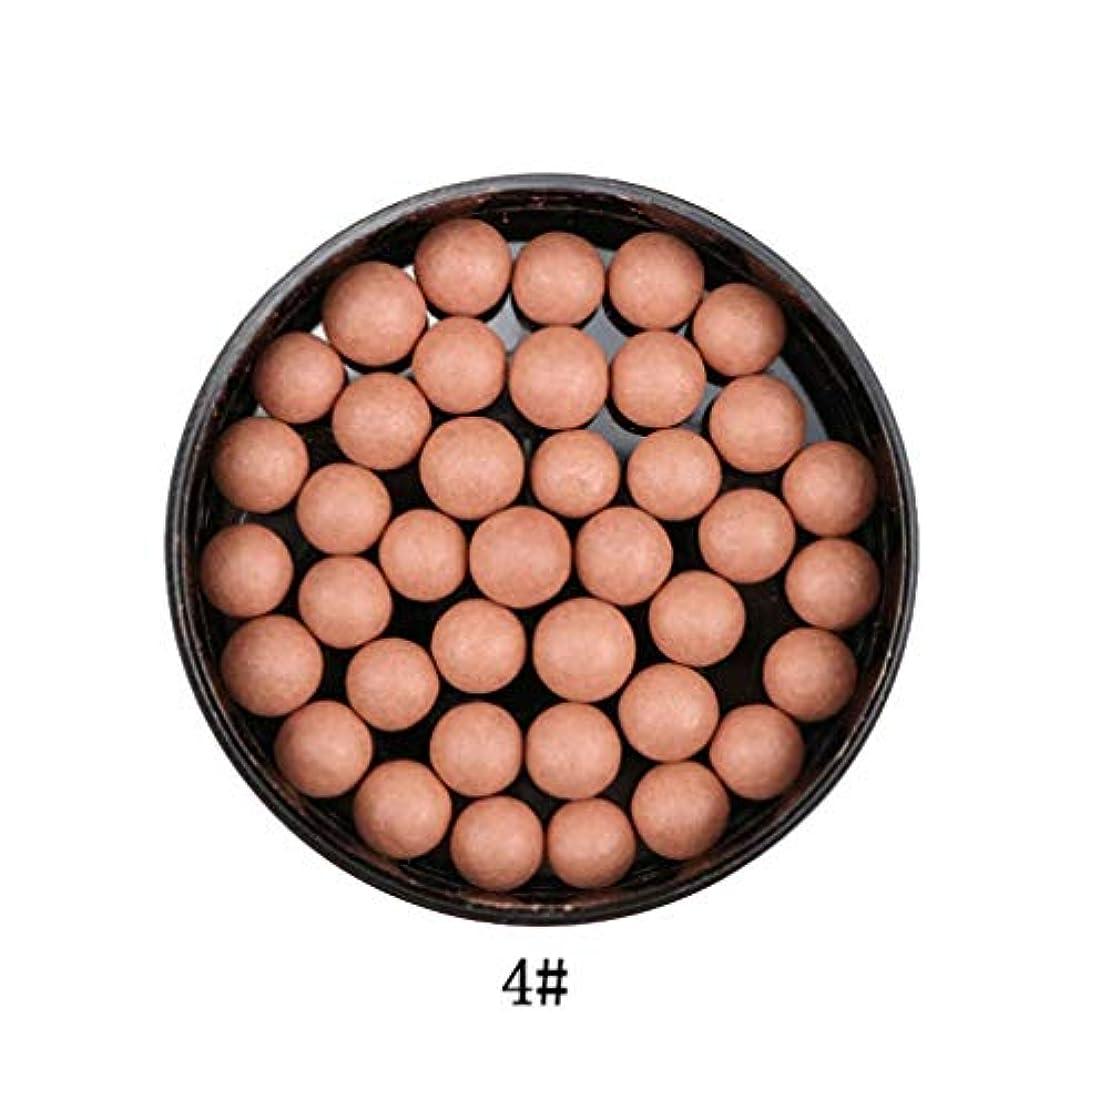 提供された電気出口3では1ポータブルブラッシュロングラスティング顔料マットナチュラルフェイスブラッシュボールオイルコントロール輪郭ブラッシュブロンザー